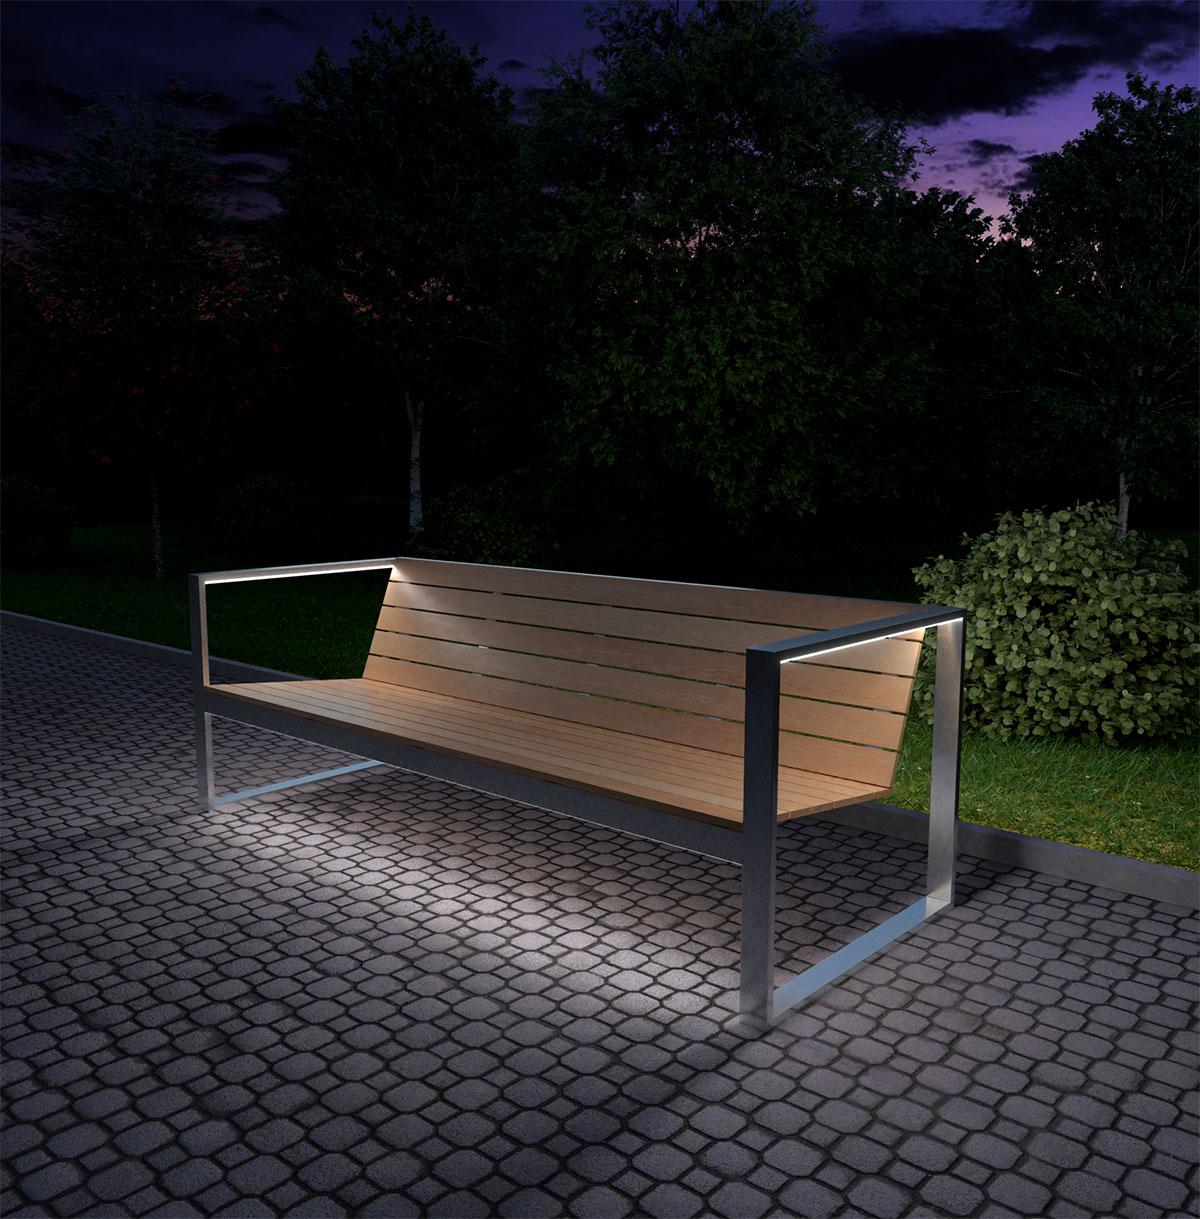 садовая мебель из дерева и металла TRIF-MEBEL с led подсветкой